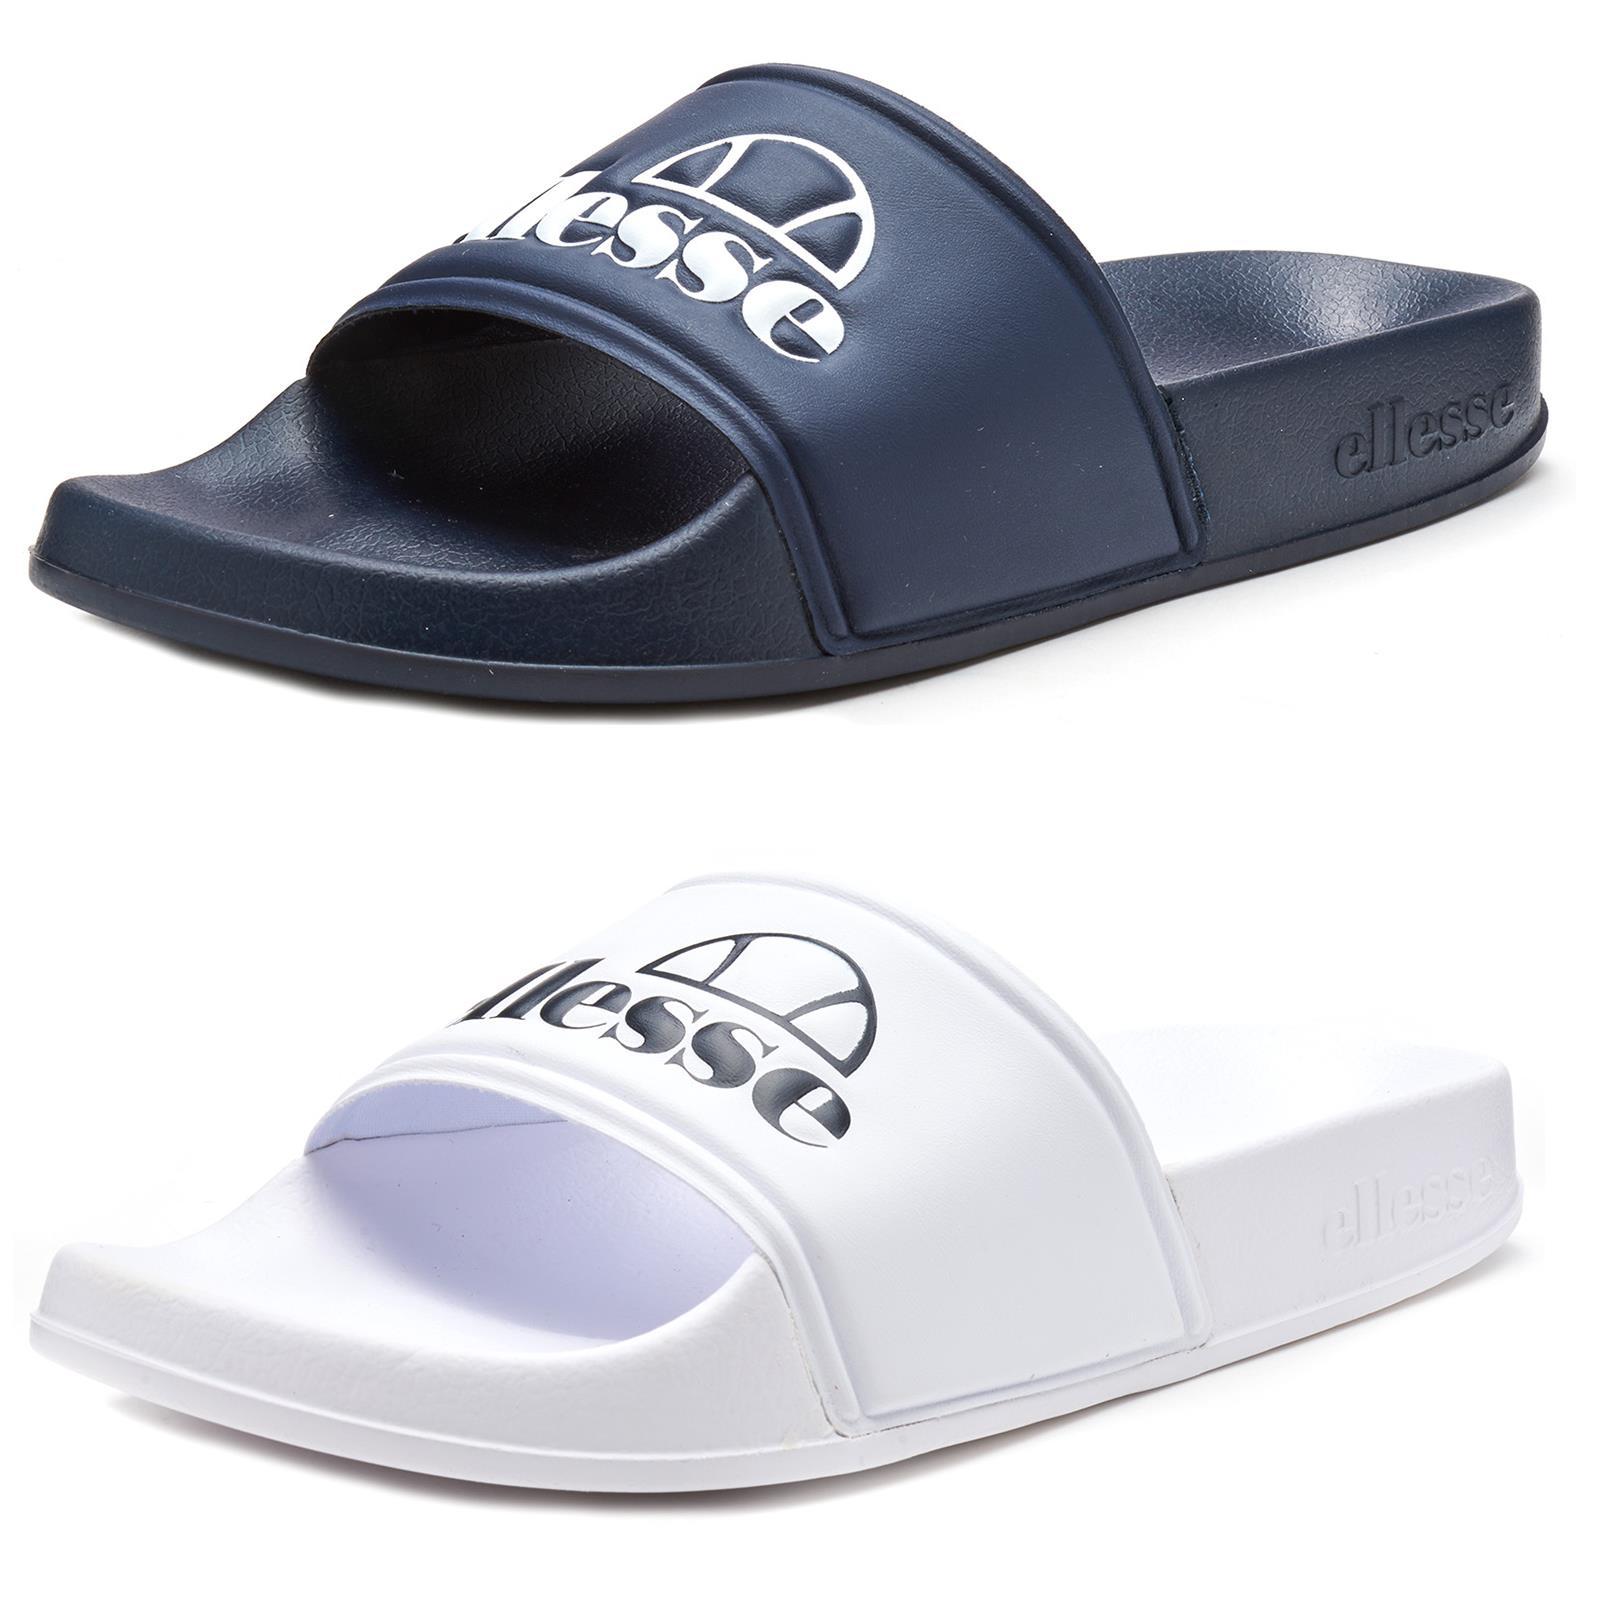 Details zu Ellesse Filippo Women Beach Pool Slides Summer Sandals in Blue & White